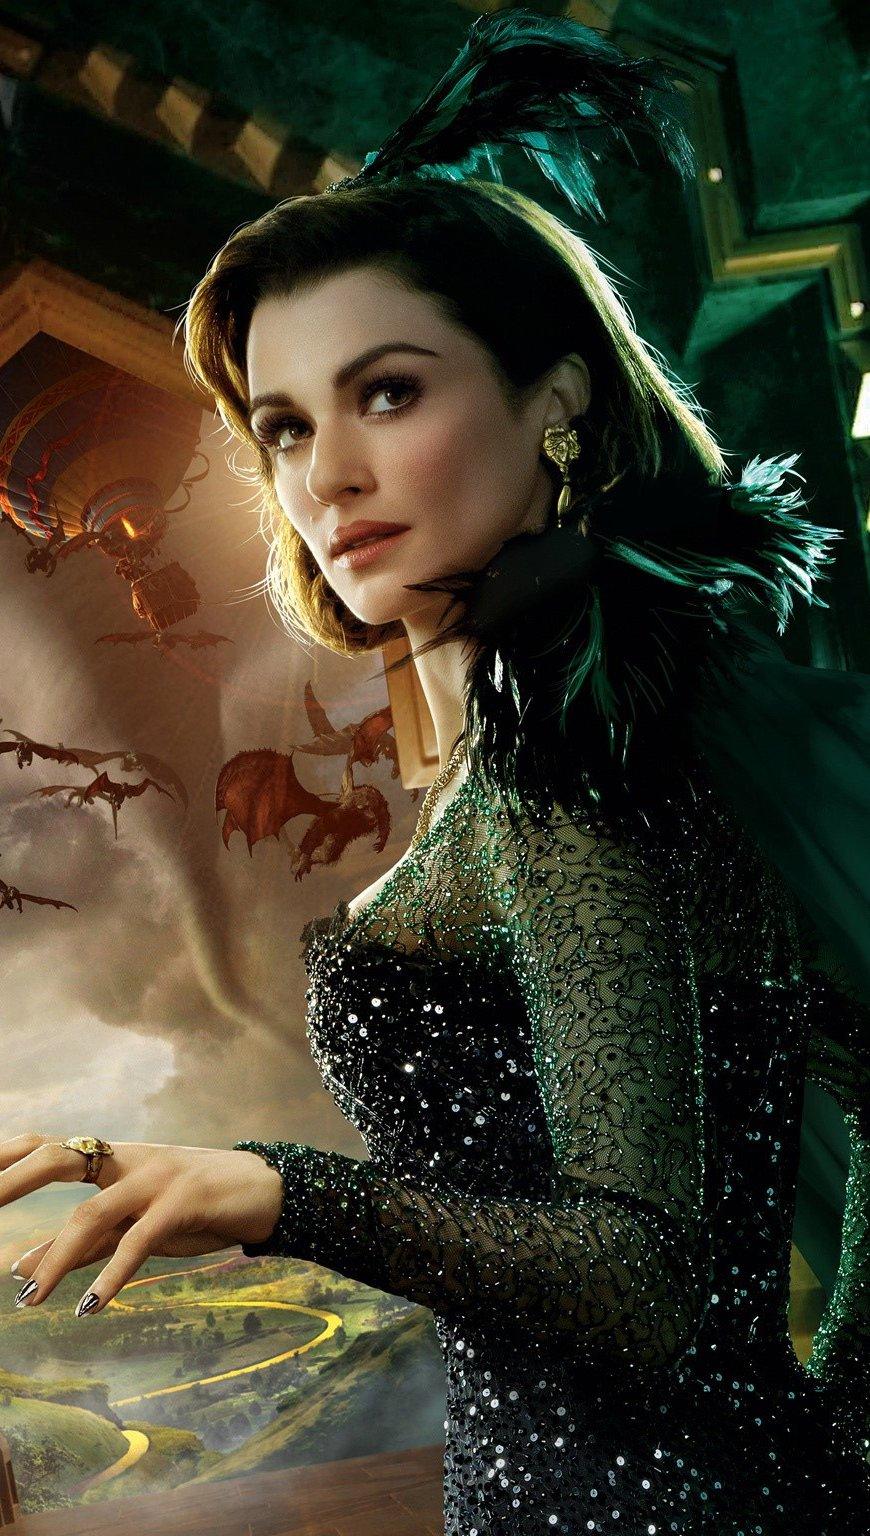 Fondos de pantalla Rachel Weisz en El gran y poderoso Oz Vertical